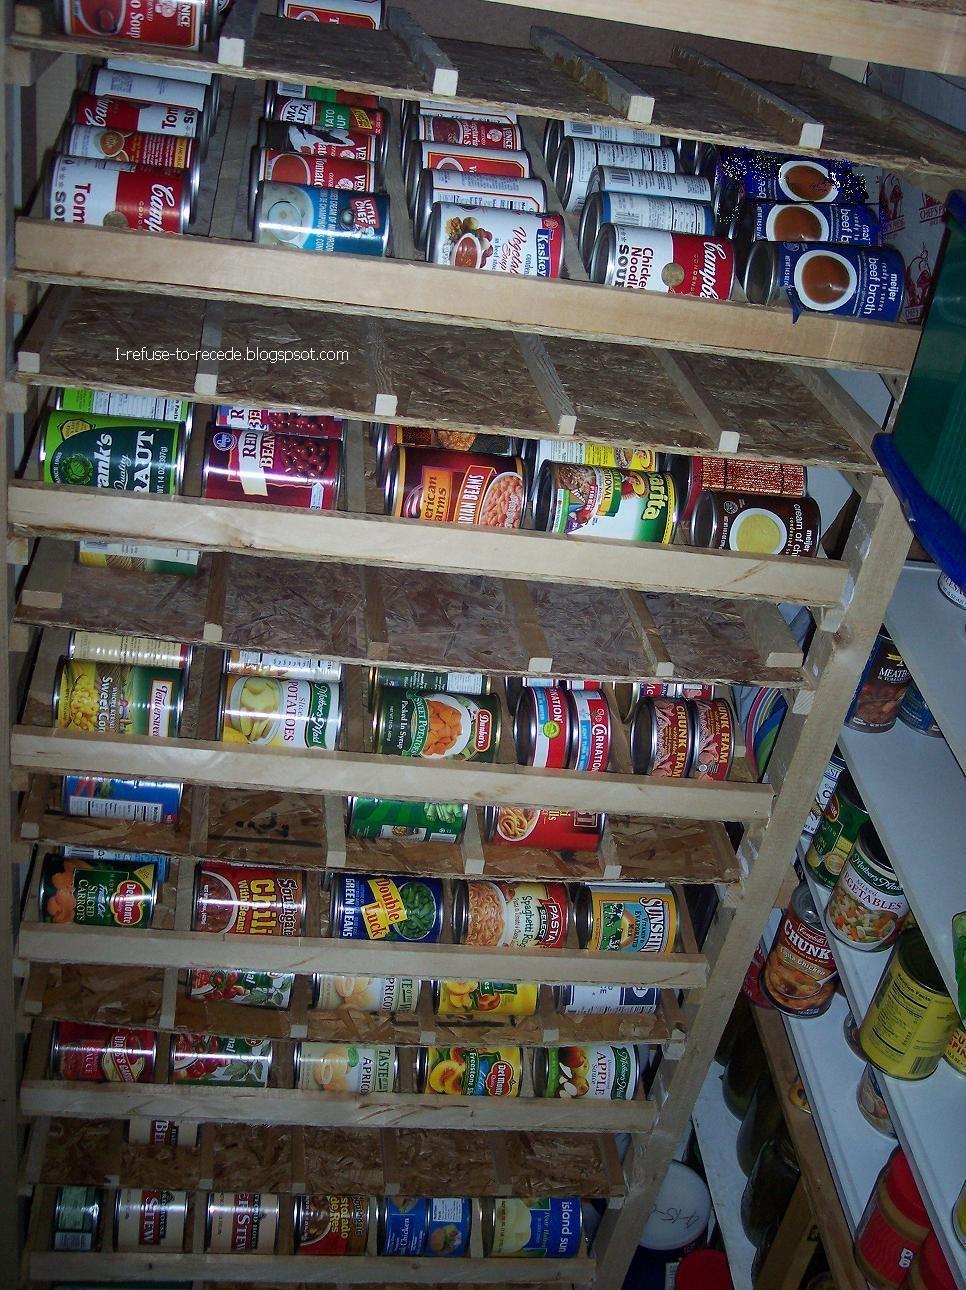 Diy Self Rotating Food Storage Shelves Diy Food Storage